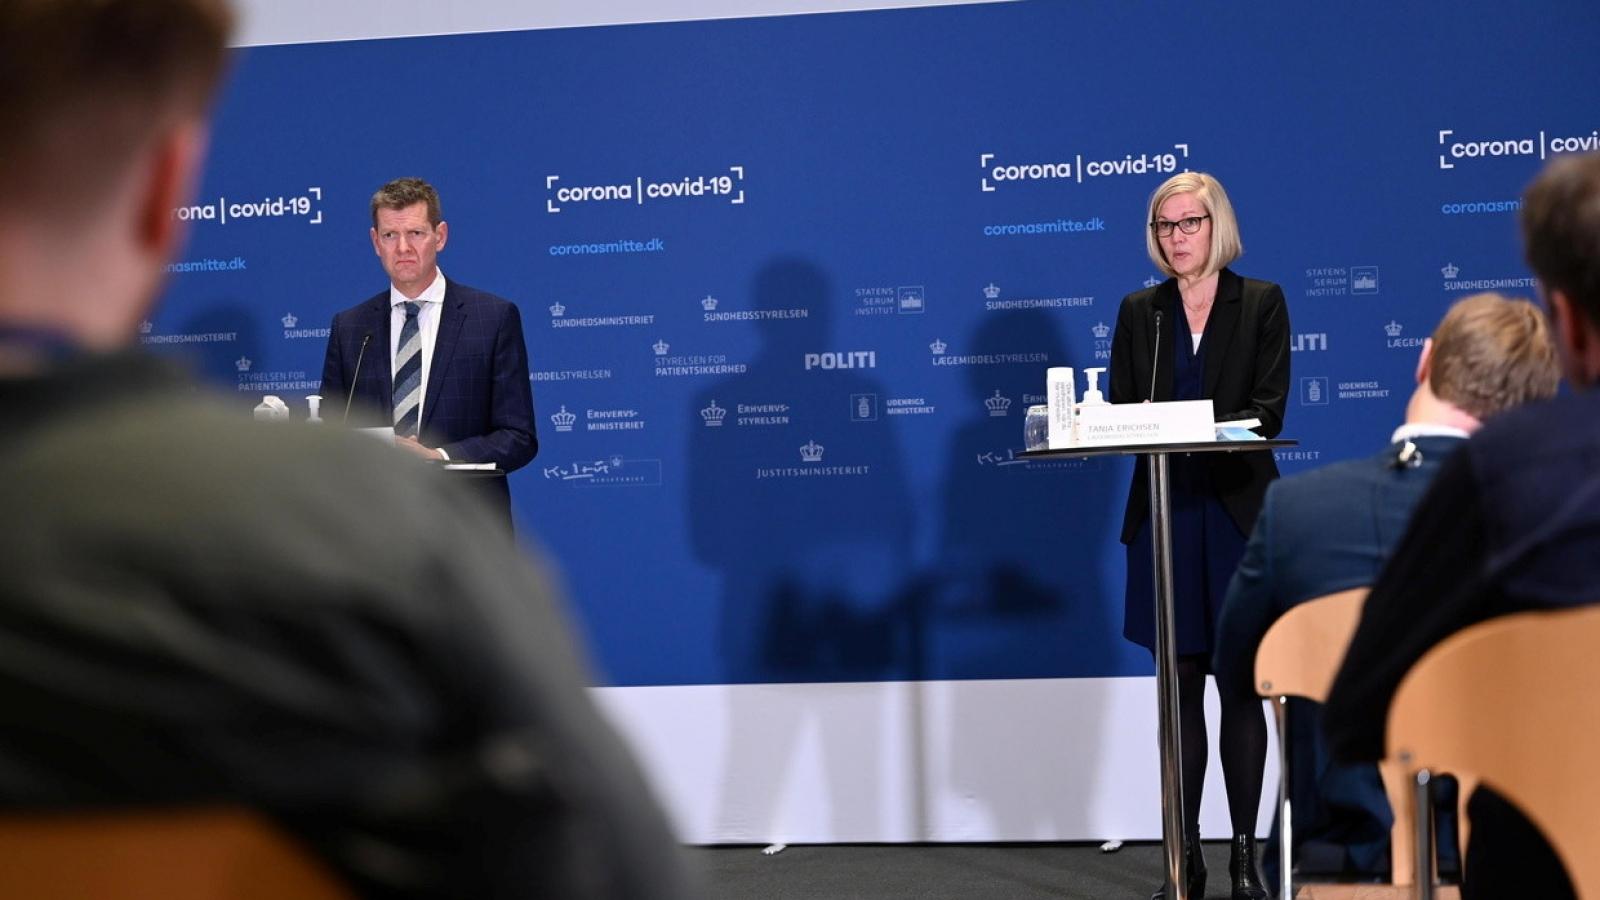 Quan chức Đan Mạch ngất xỉu tại họp báo công bố dừng tiêm vaccine AstraZeneca